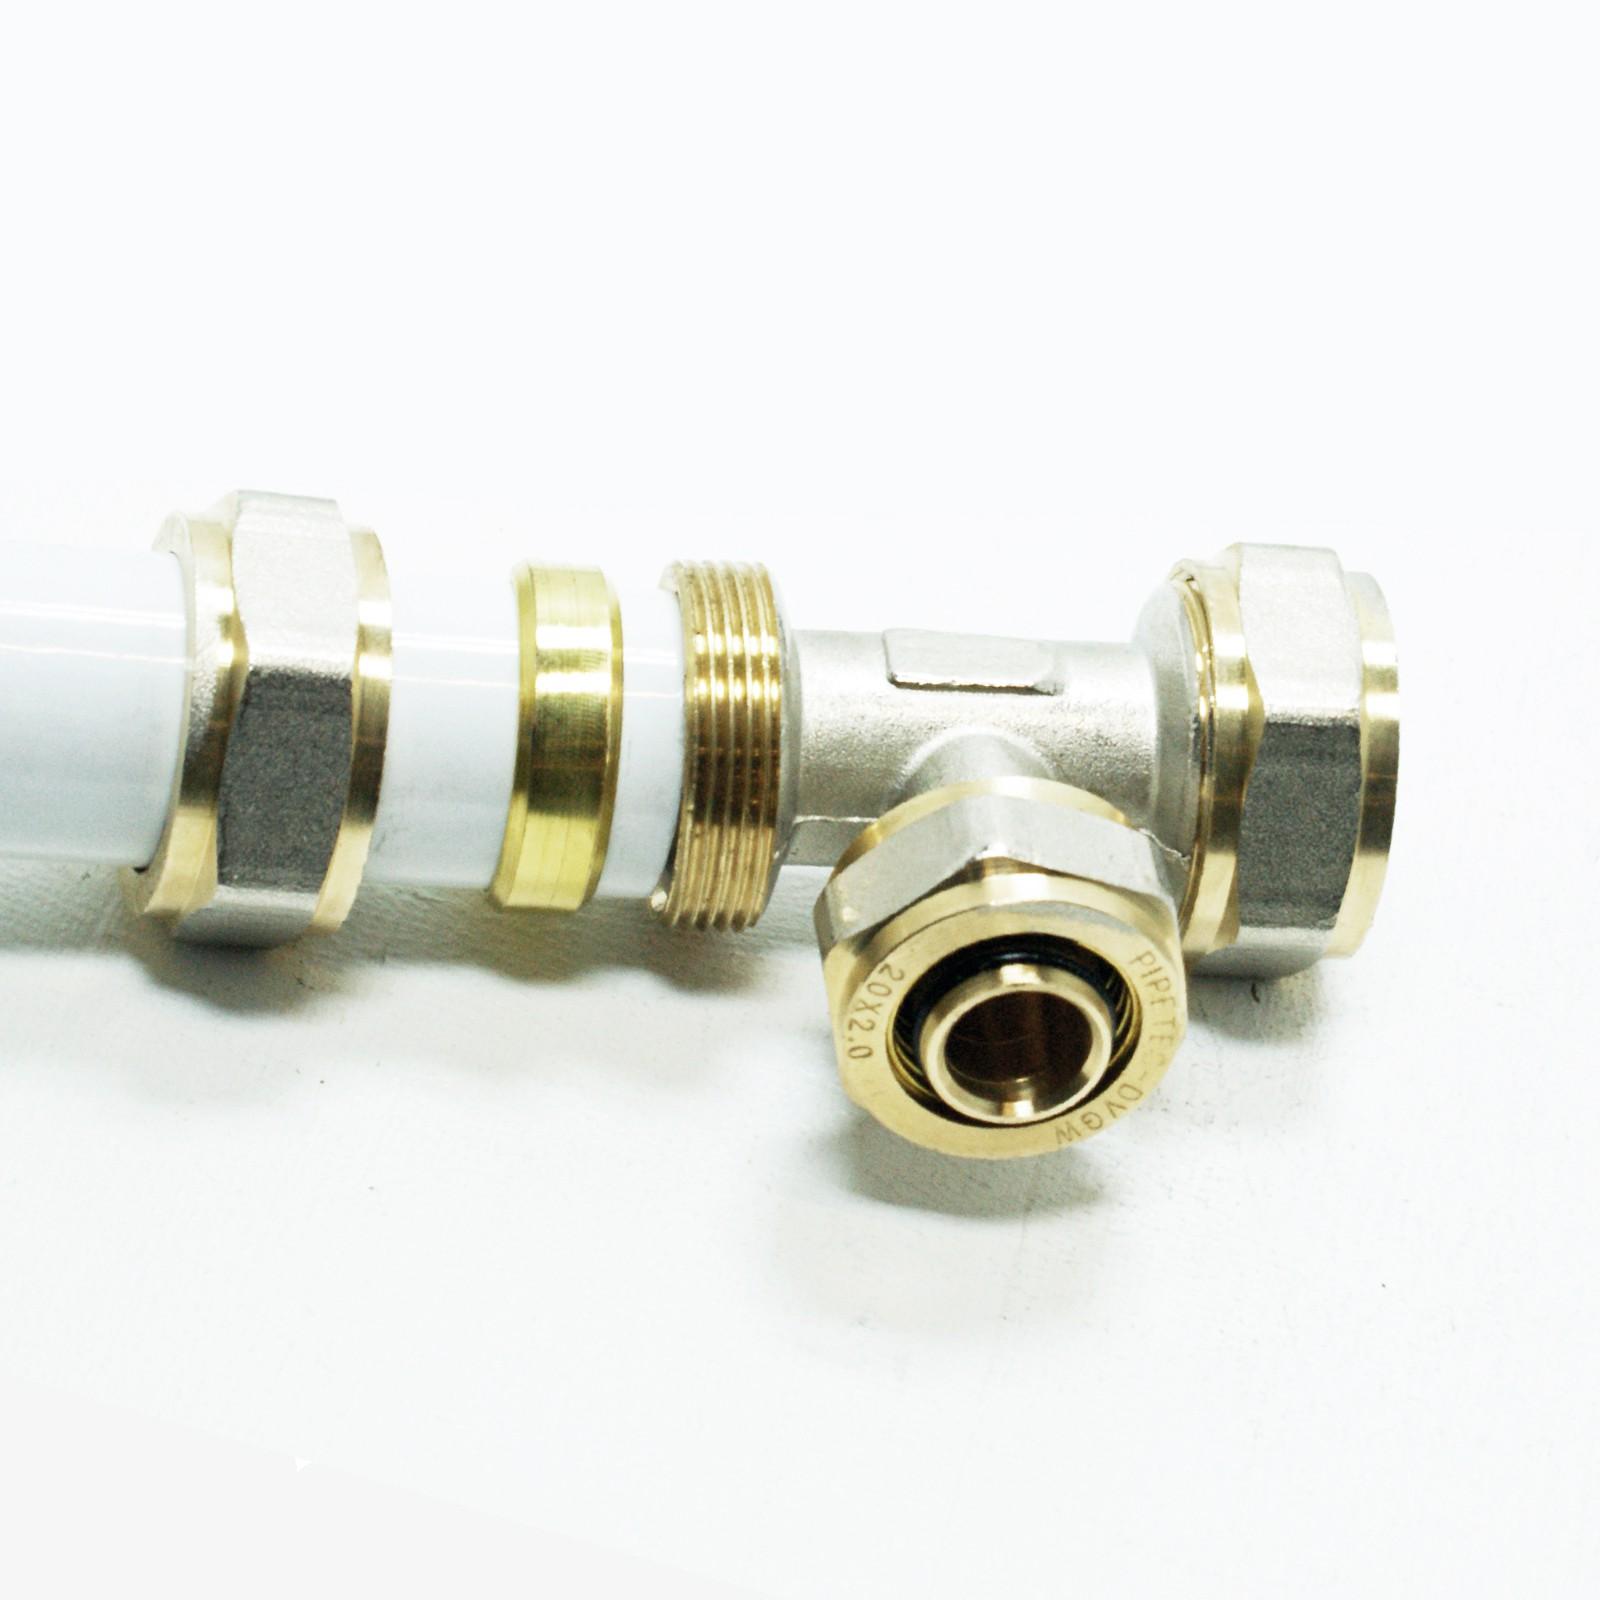 T-Stück Klemmringverschraubung Schraubfitting Pipetec Mittelabgang reduziert